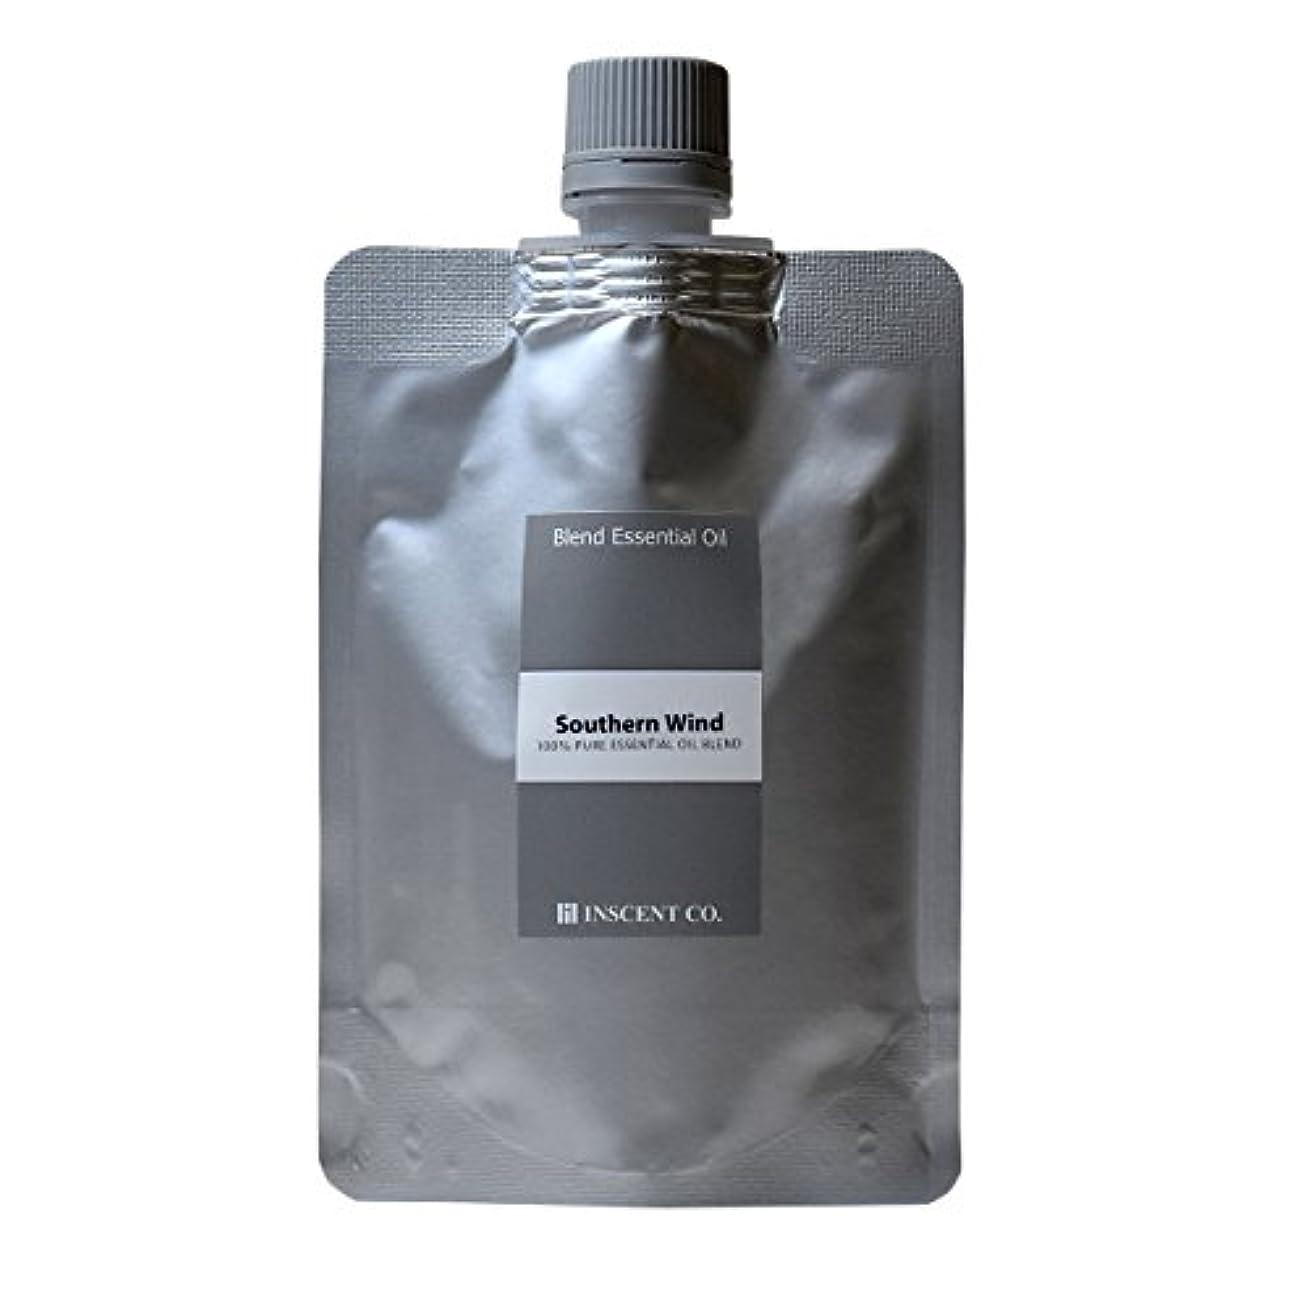 比較的挽くぐったり(詰替用 アルミパック) アロマ ブレンド サザンウインド 50ml インセント アロマオイル